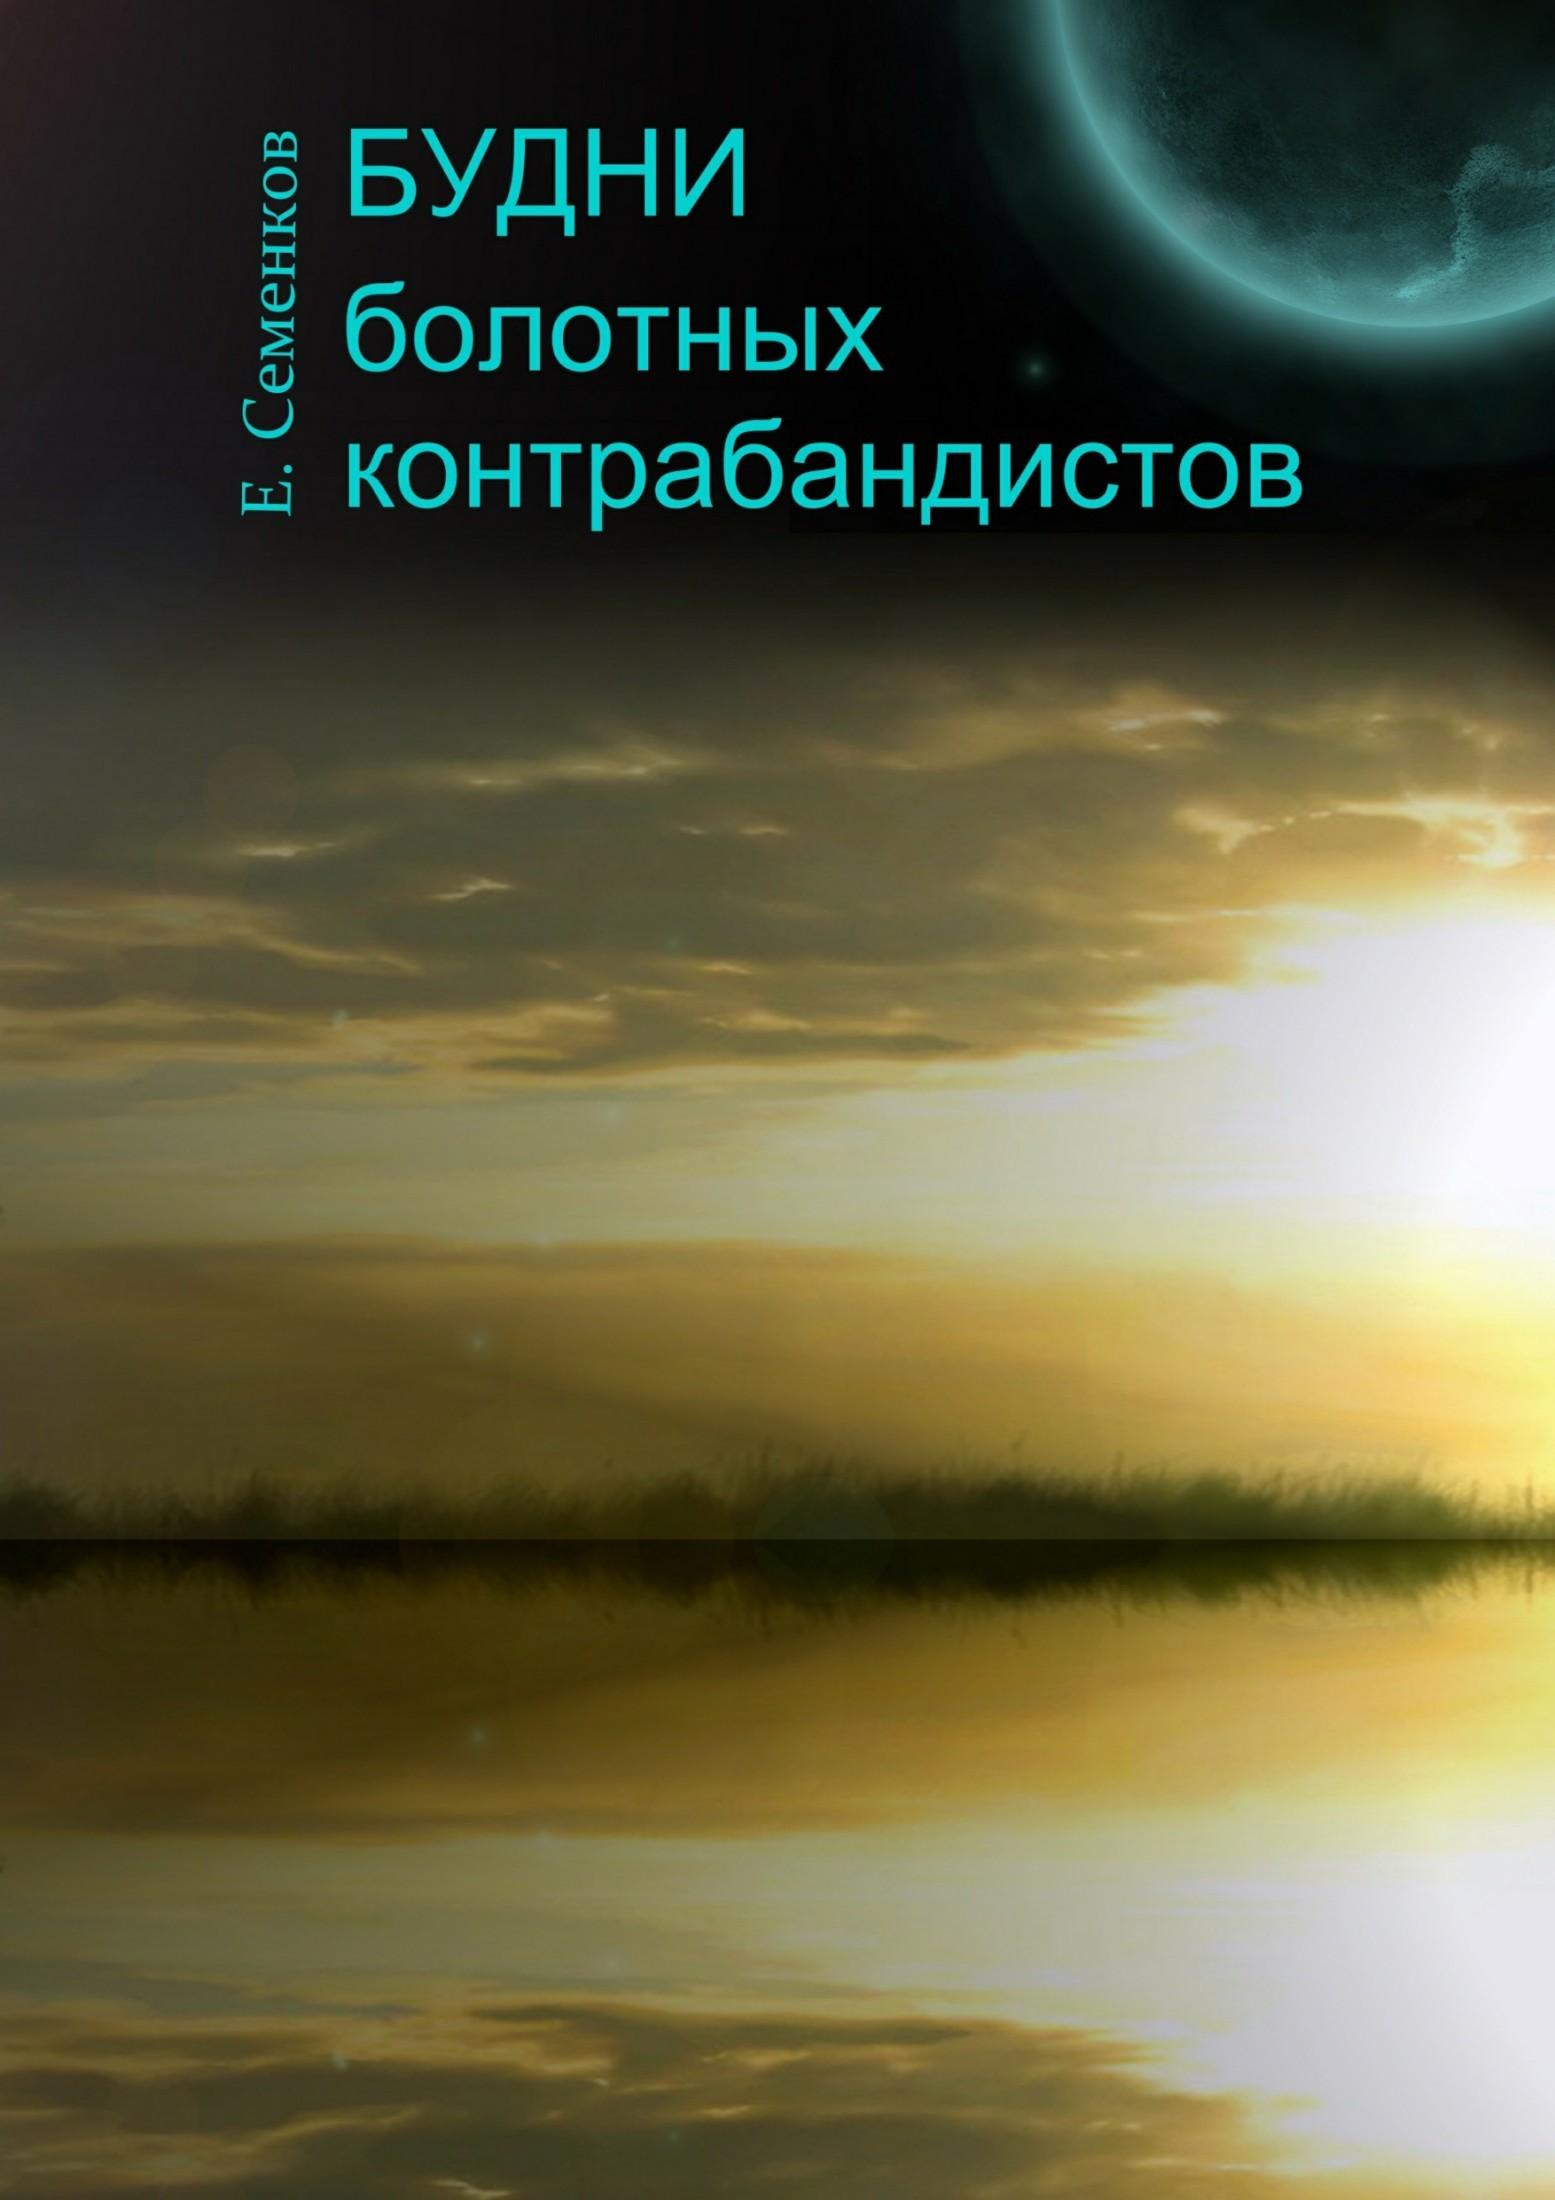 Евгений Юрьевич Семенков Будни болотных контрабандистов